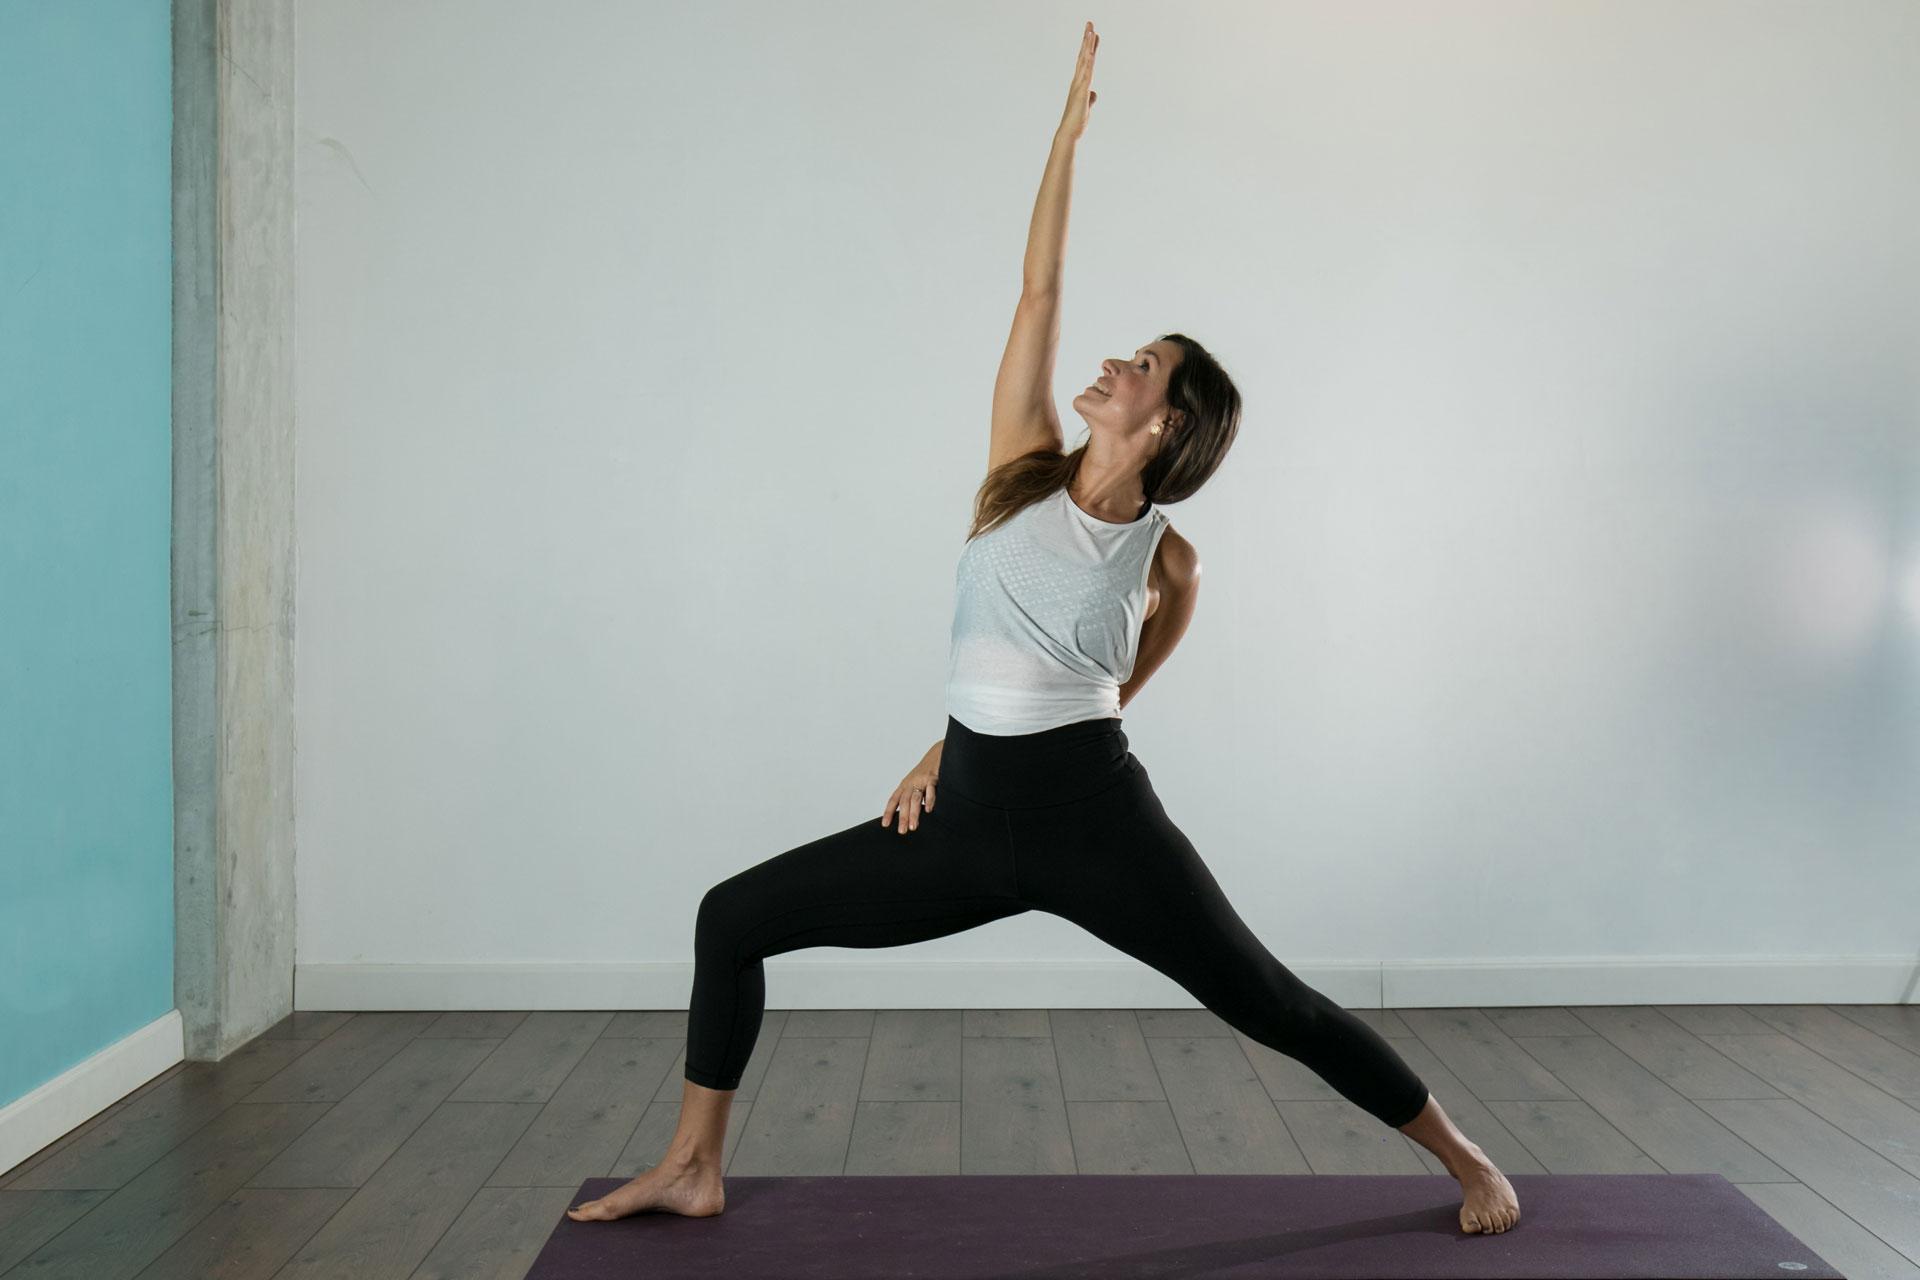 Yoga Panama - 9M7A2108MariaStella - Find your om